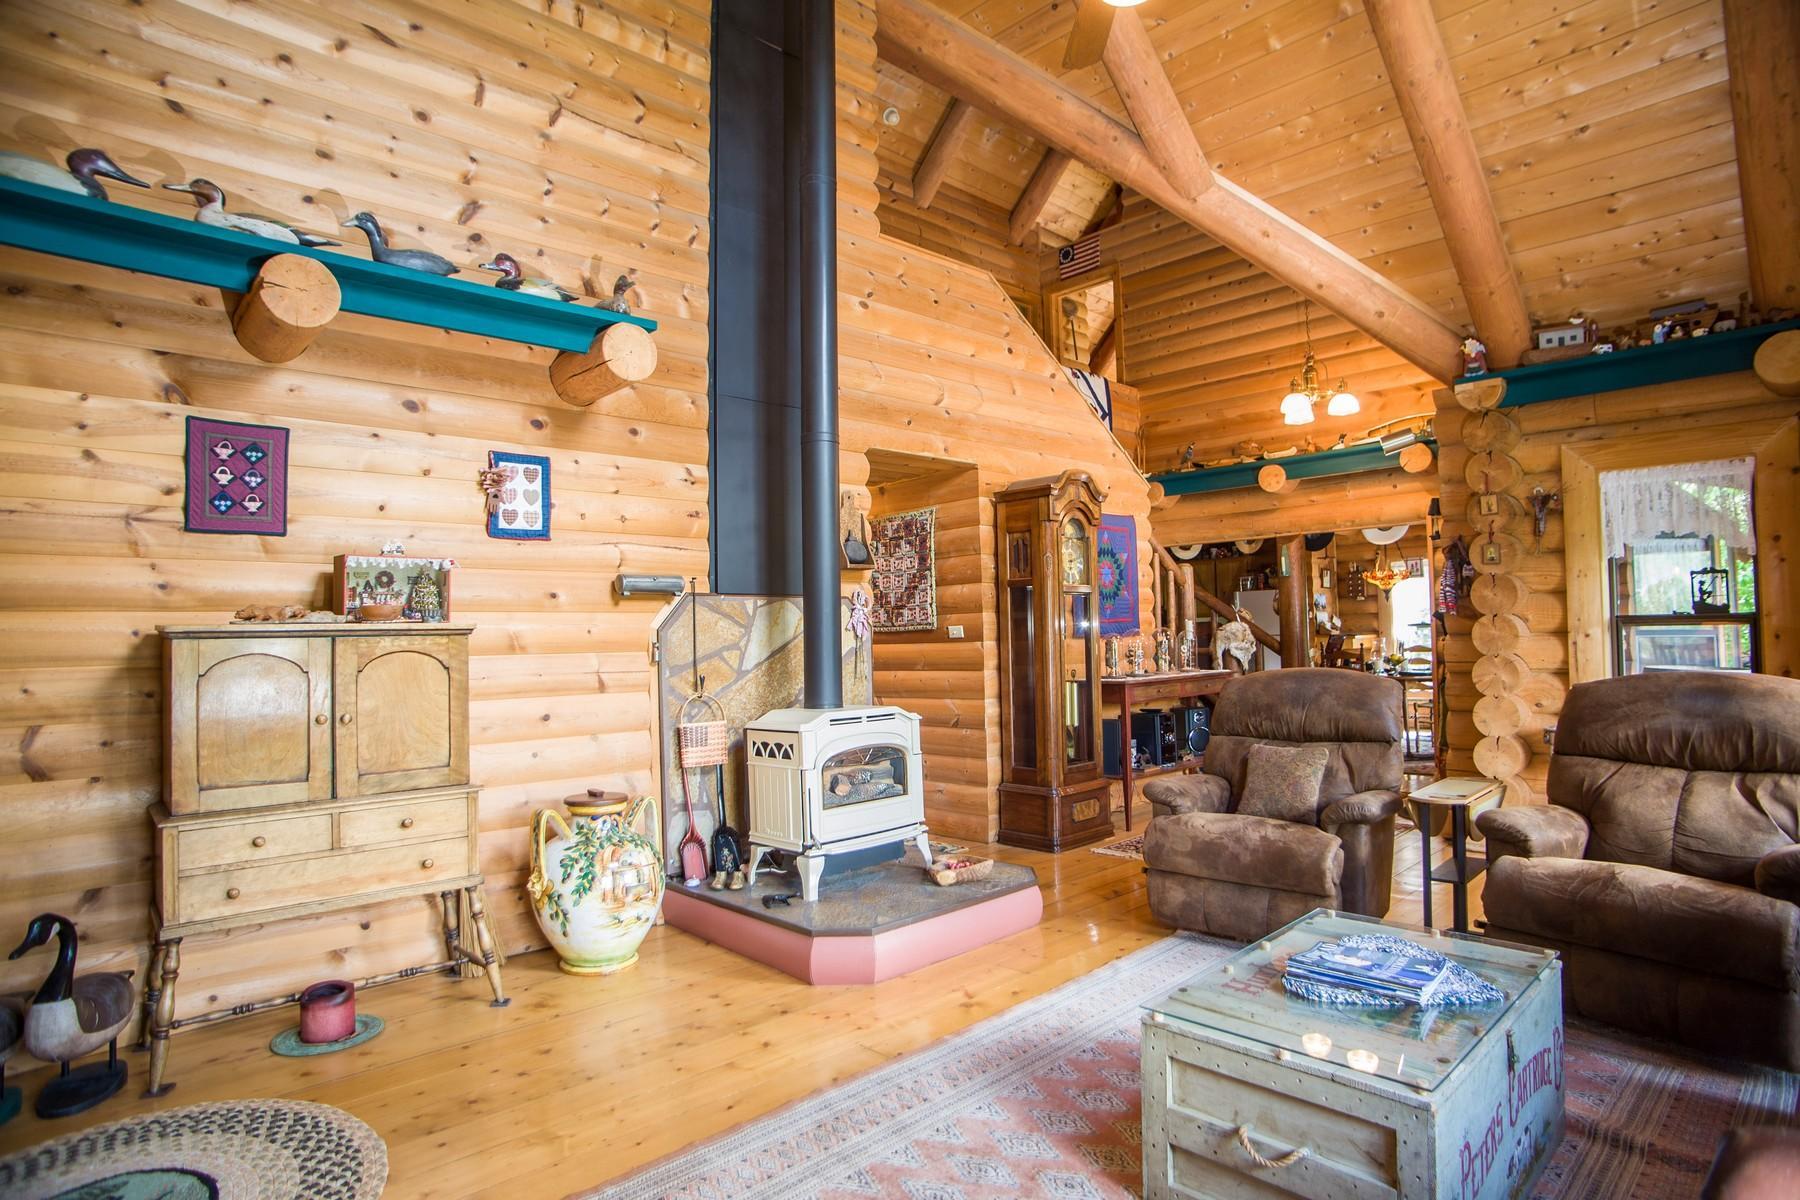 26 - Livingroom to kithcen